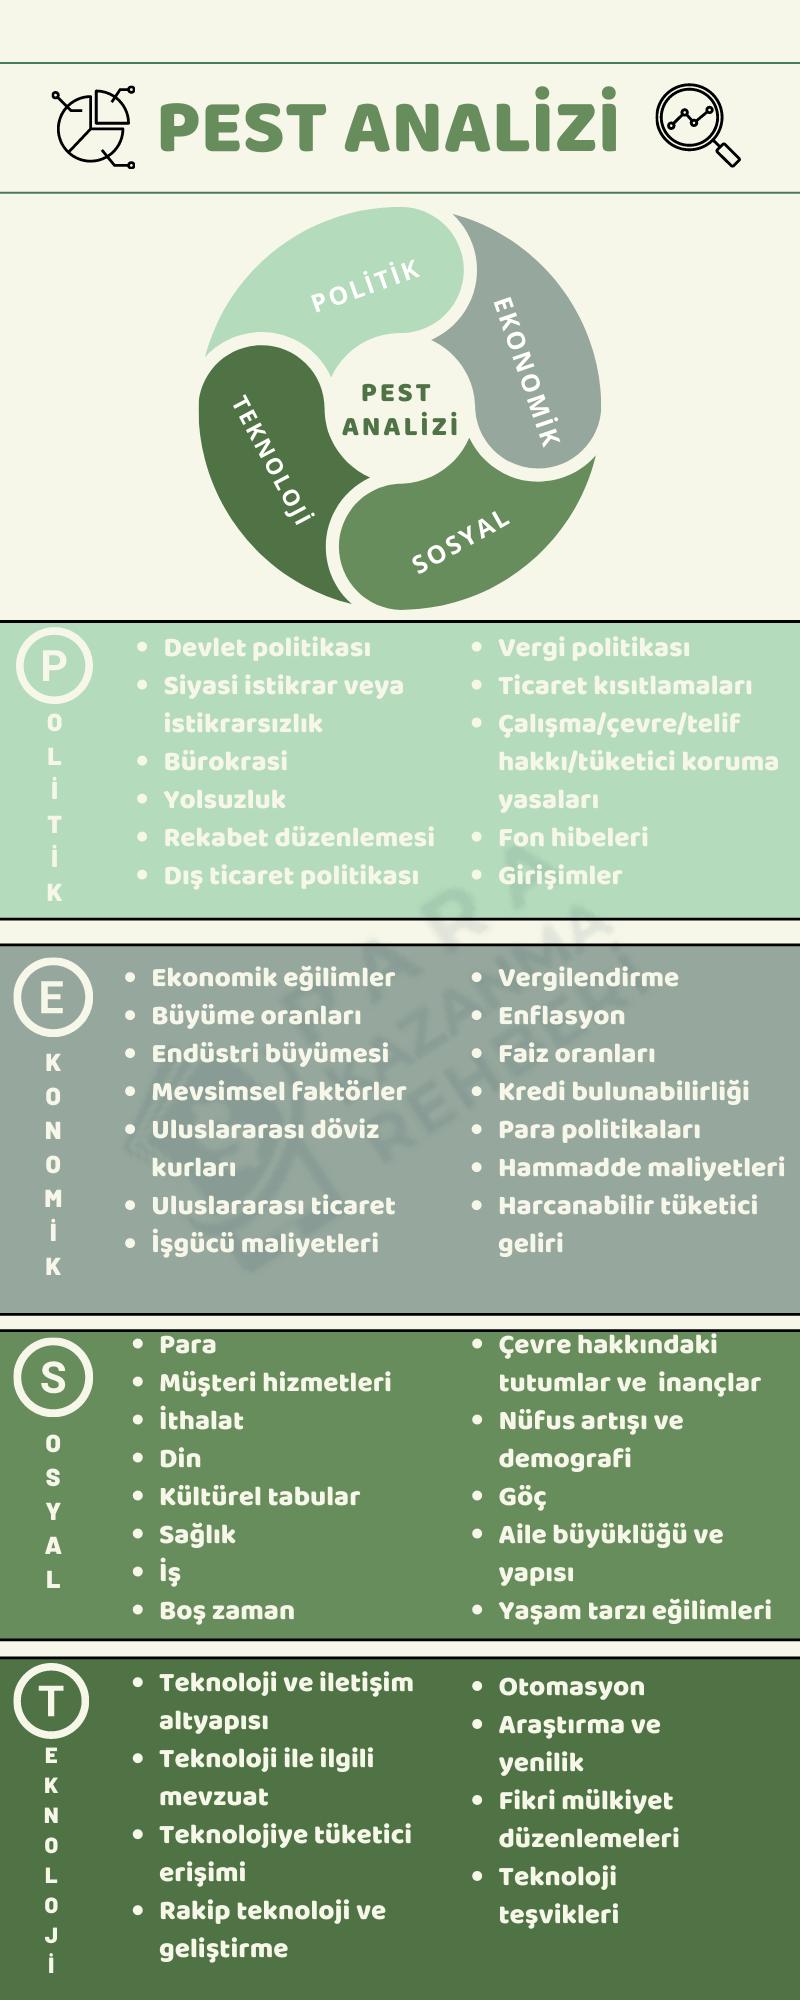 pest analizi infografik açıklaması